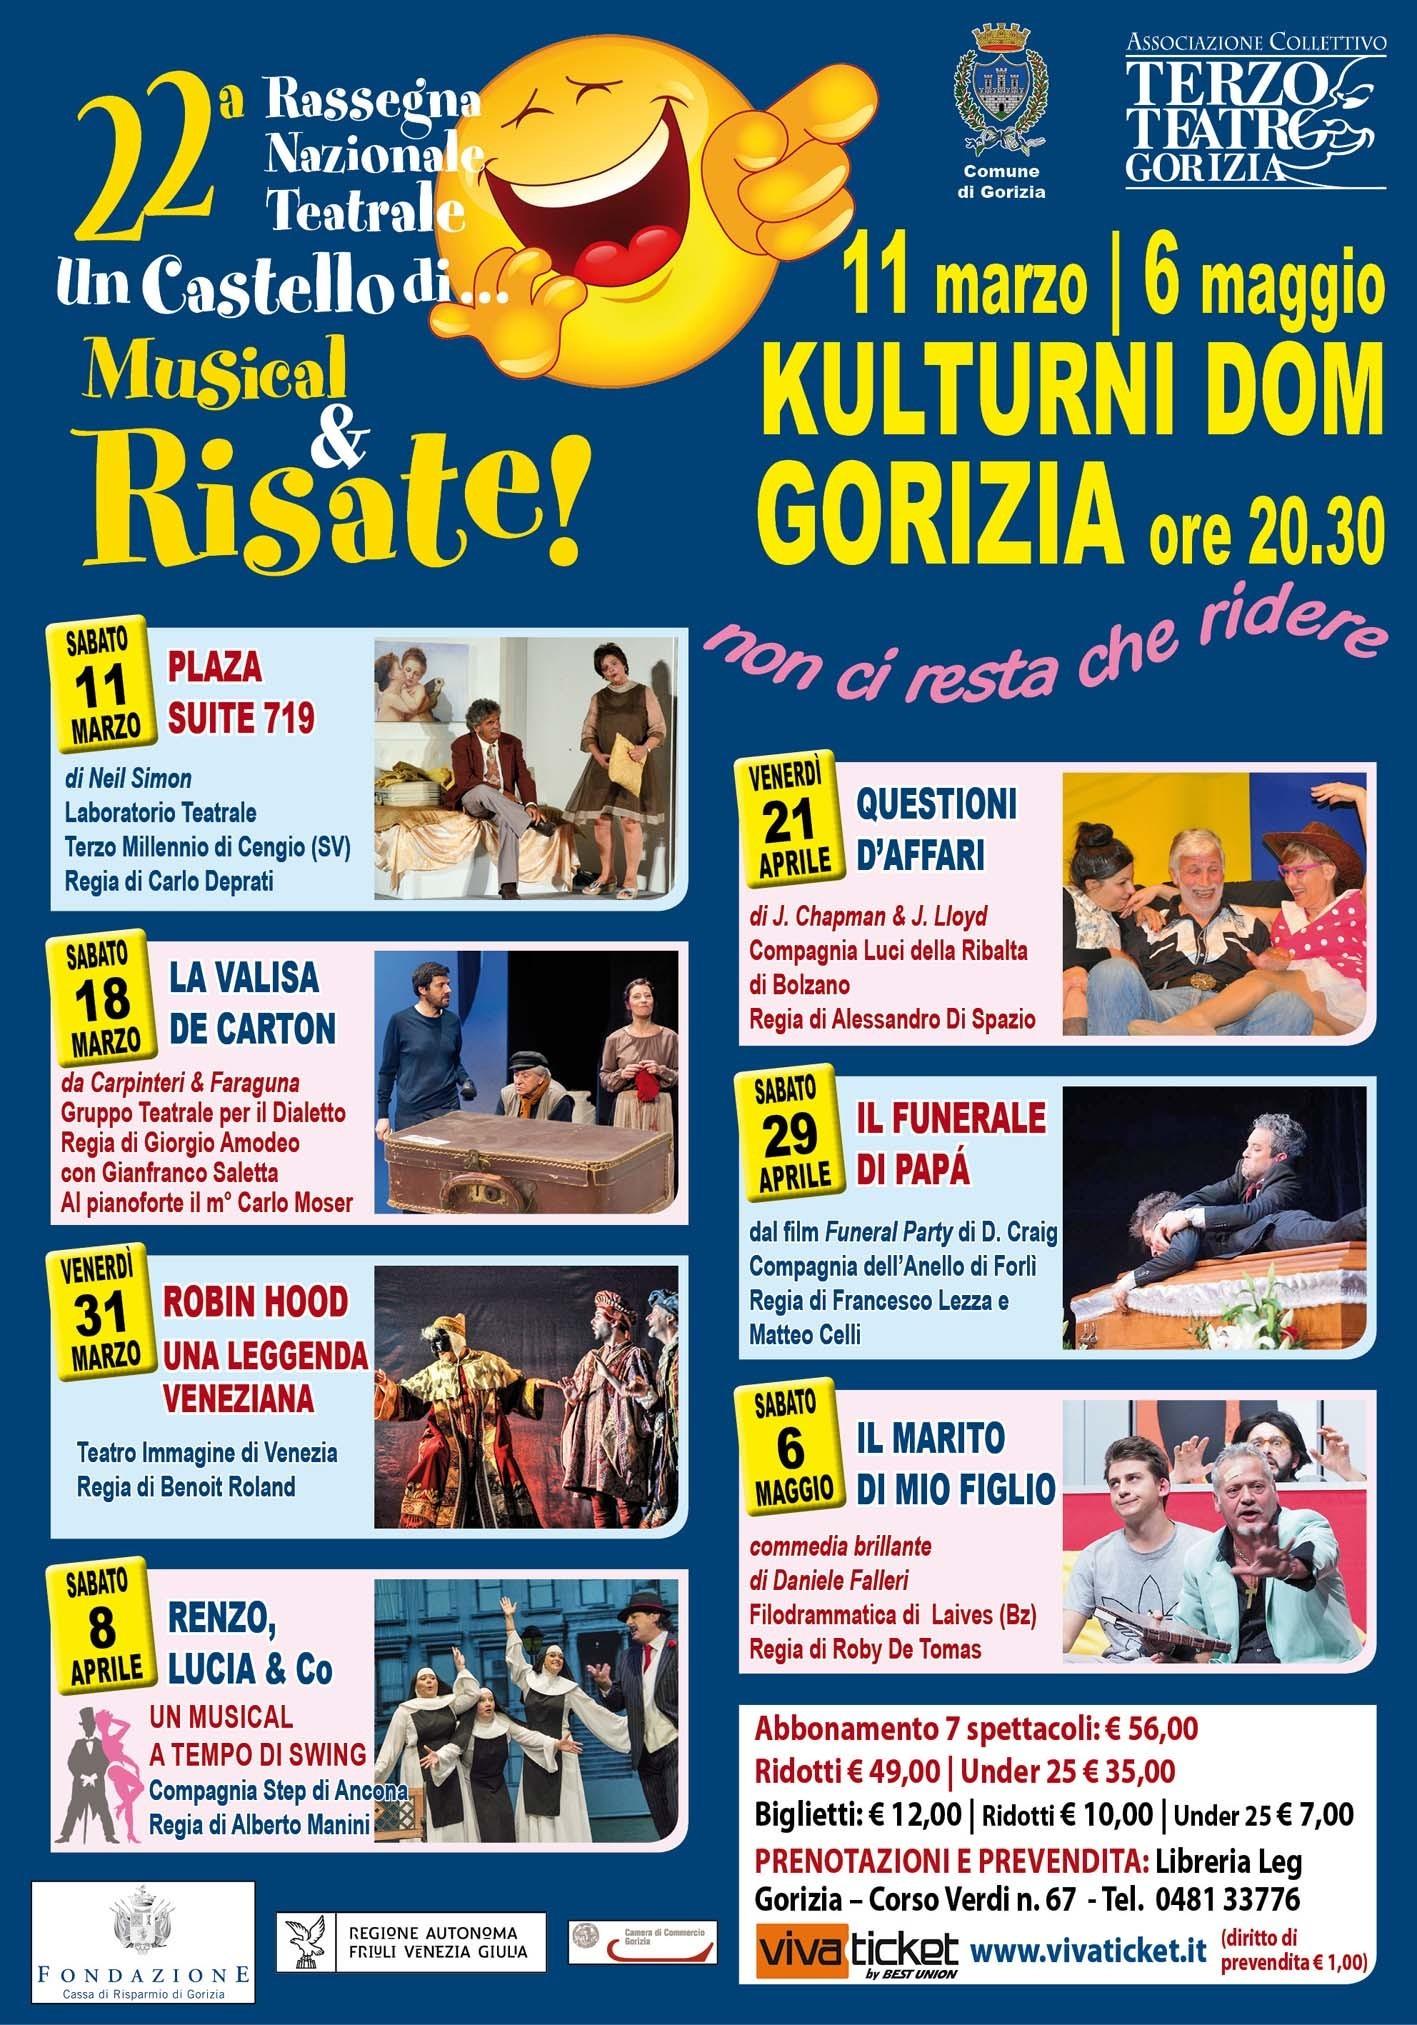 """""""Un castello di ...musical & risate"""" - 22ima edizione"""